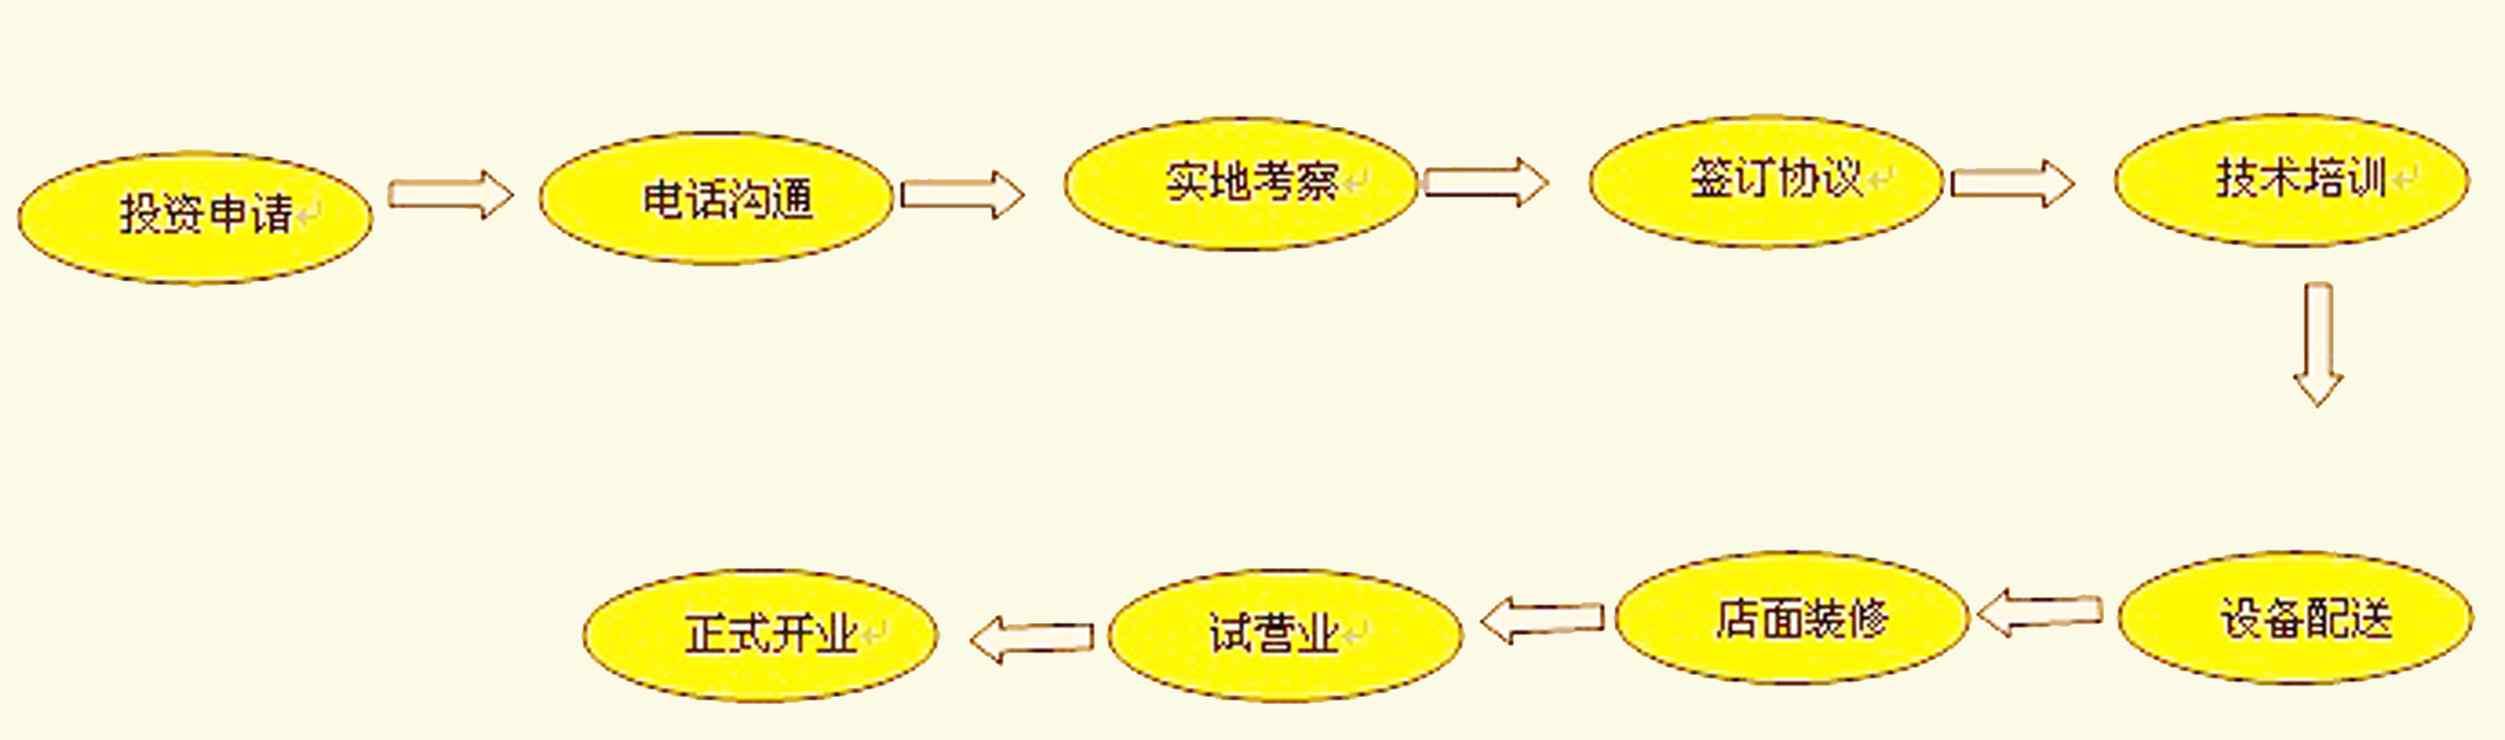 开店流程 - 河南三合胜餐饮管理有限公司-河南餐饮